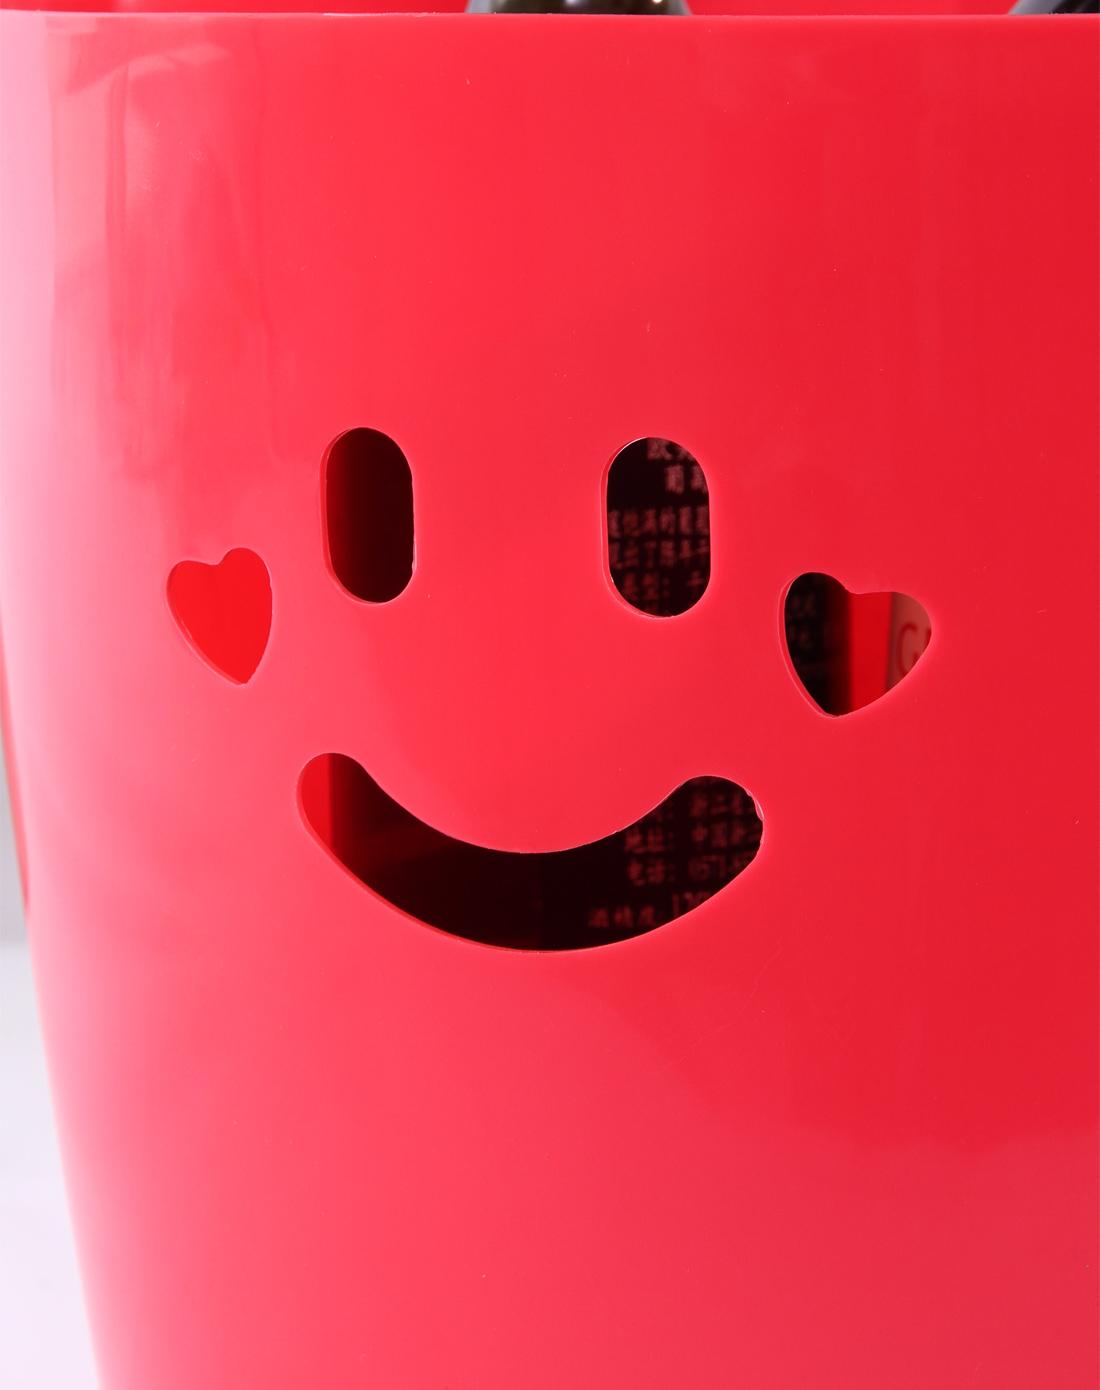 粉色可爱笑脸桌面收纳桶